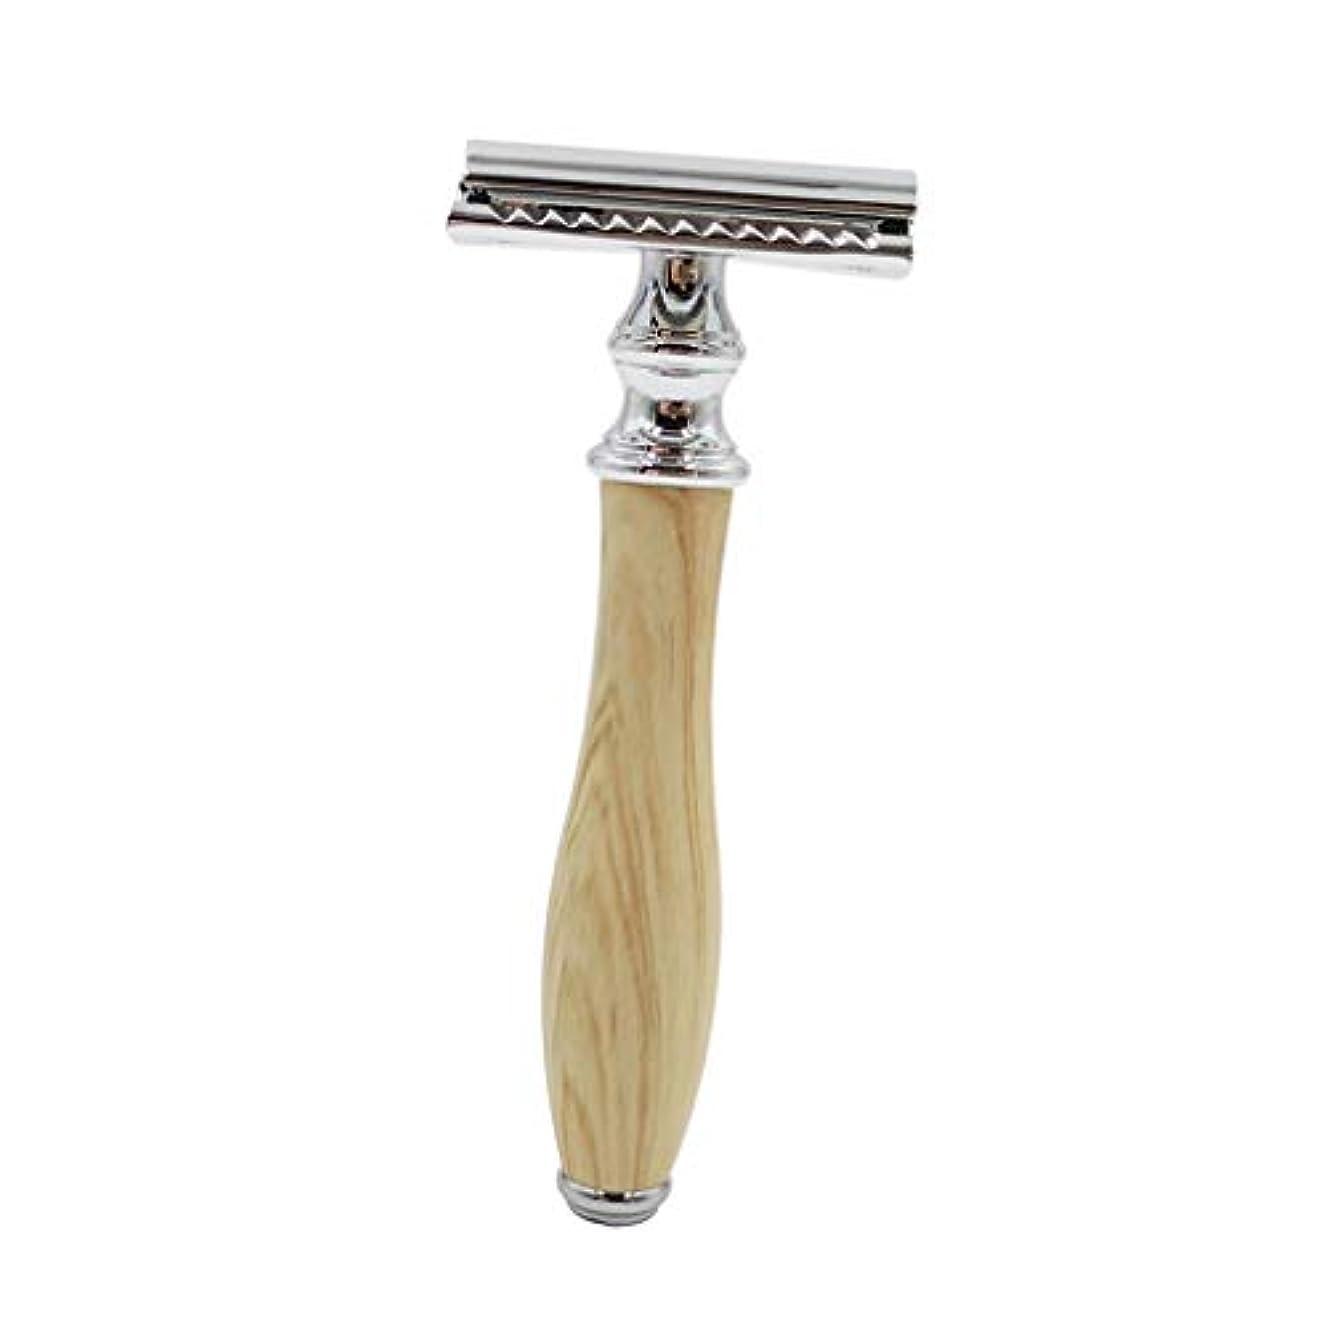 買い手ファイル端末剃刀 男性 手動シェーバー ダブルエッジ シェービングかみそり 快適な ひげ剃り 全2色 - ベージュ